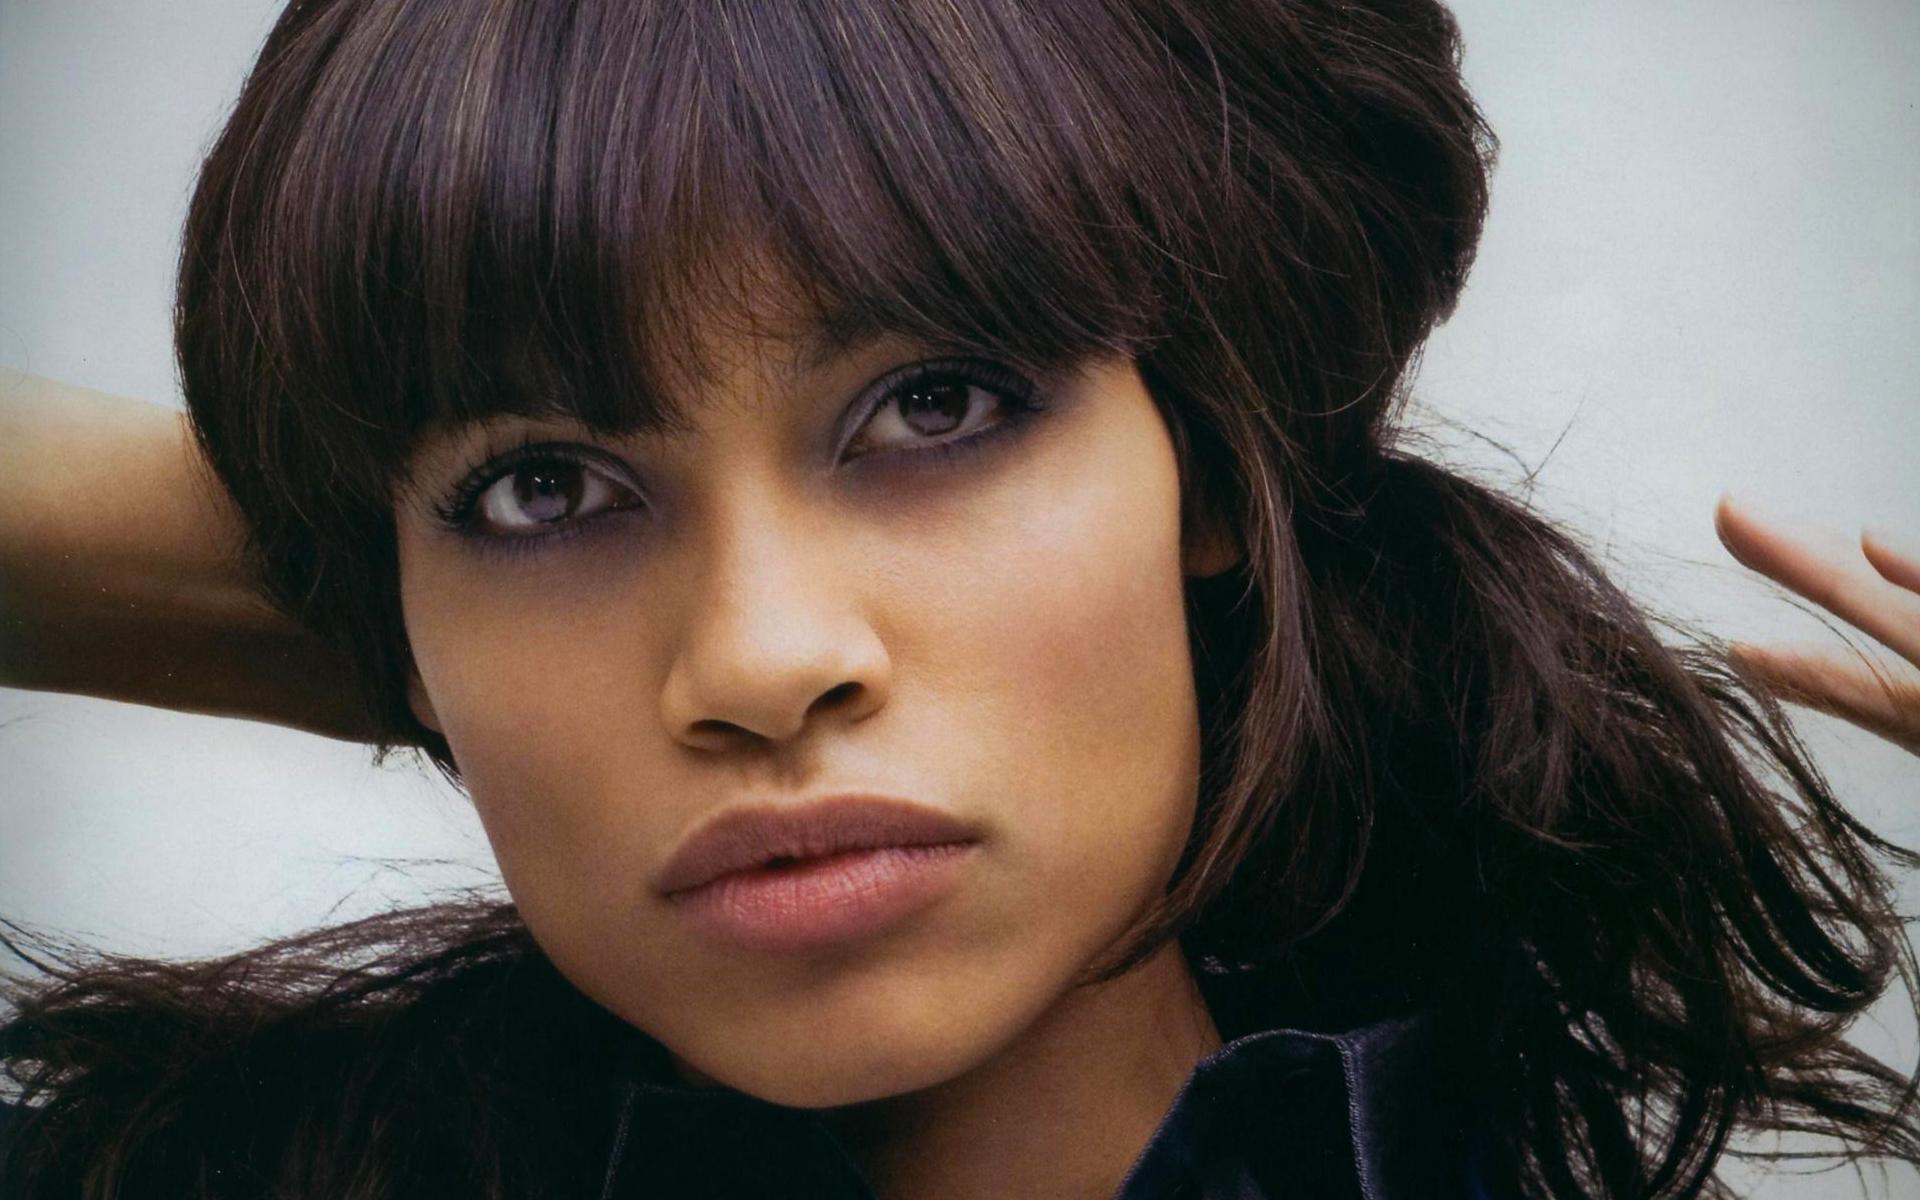 зависит вас зарубежные актрисы брюнетки фото темнокожие все же